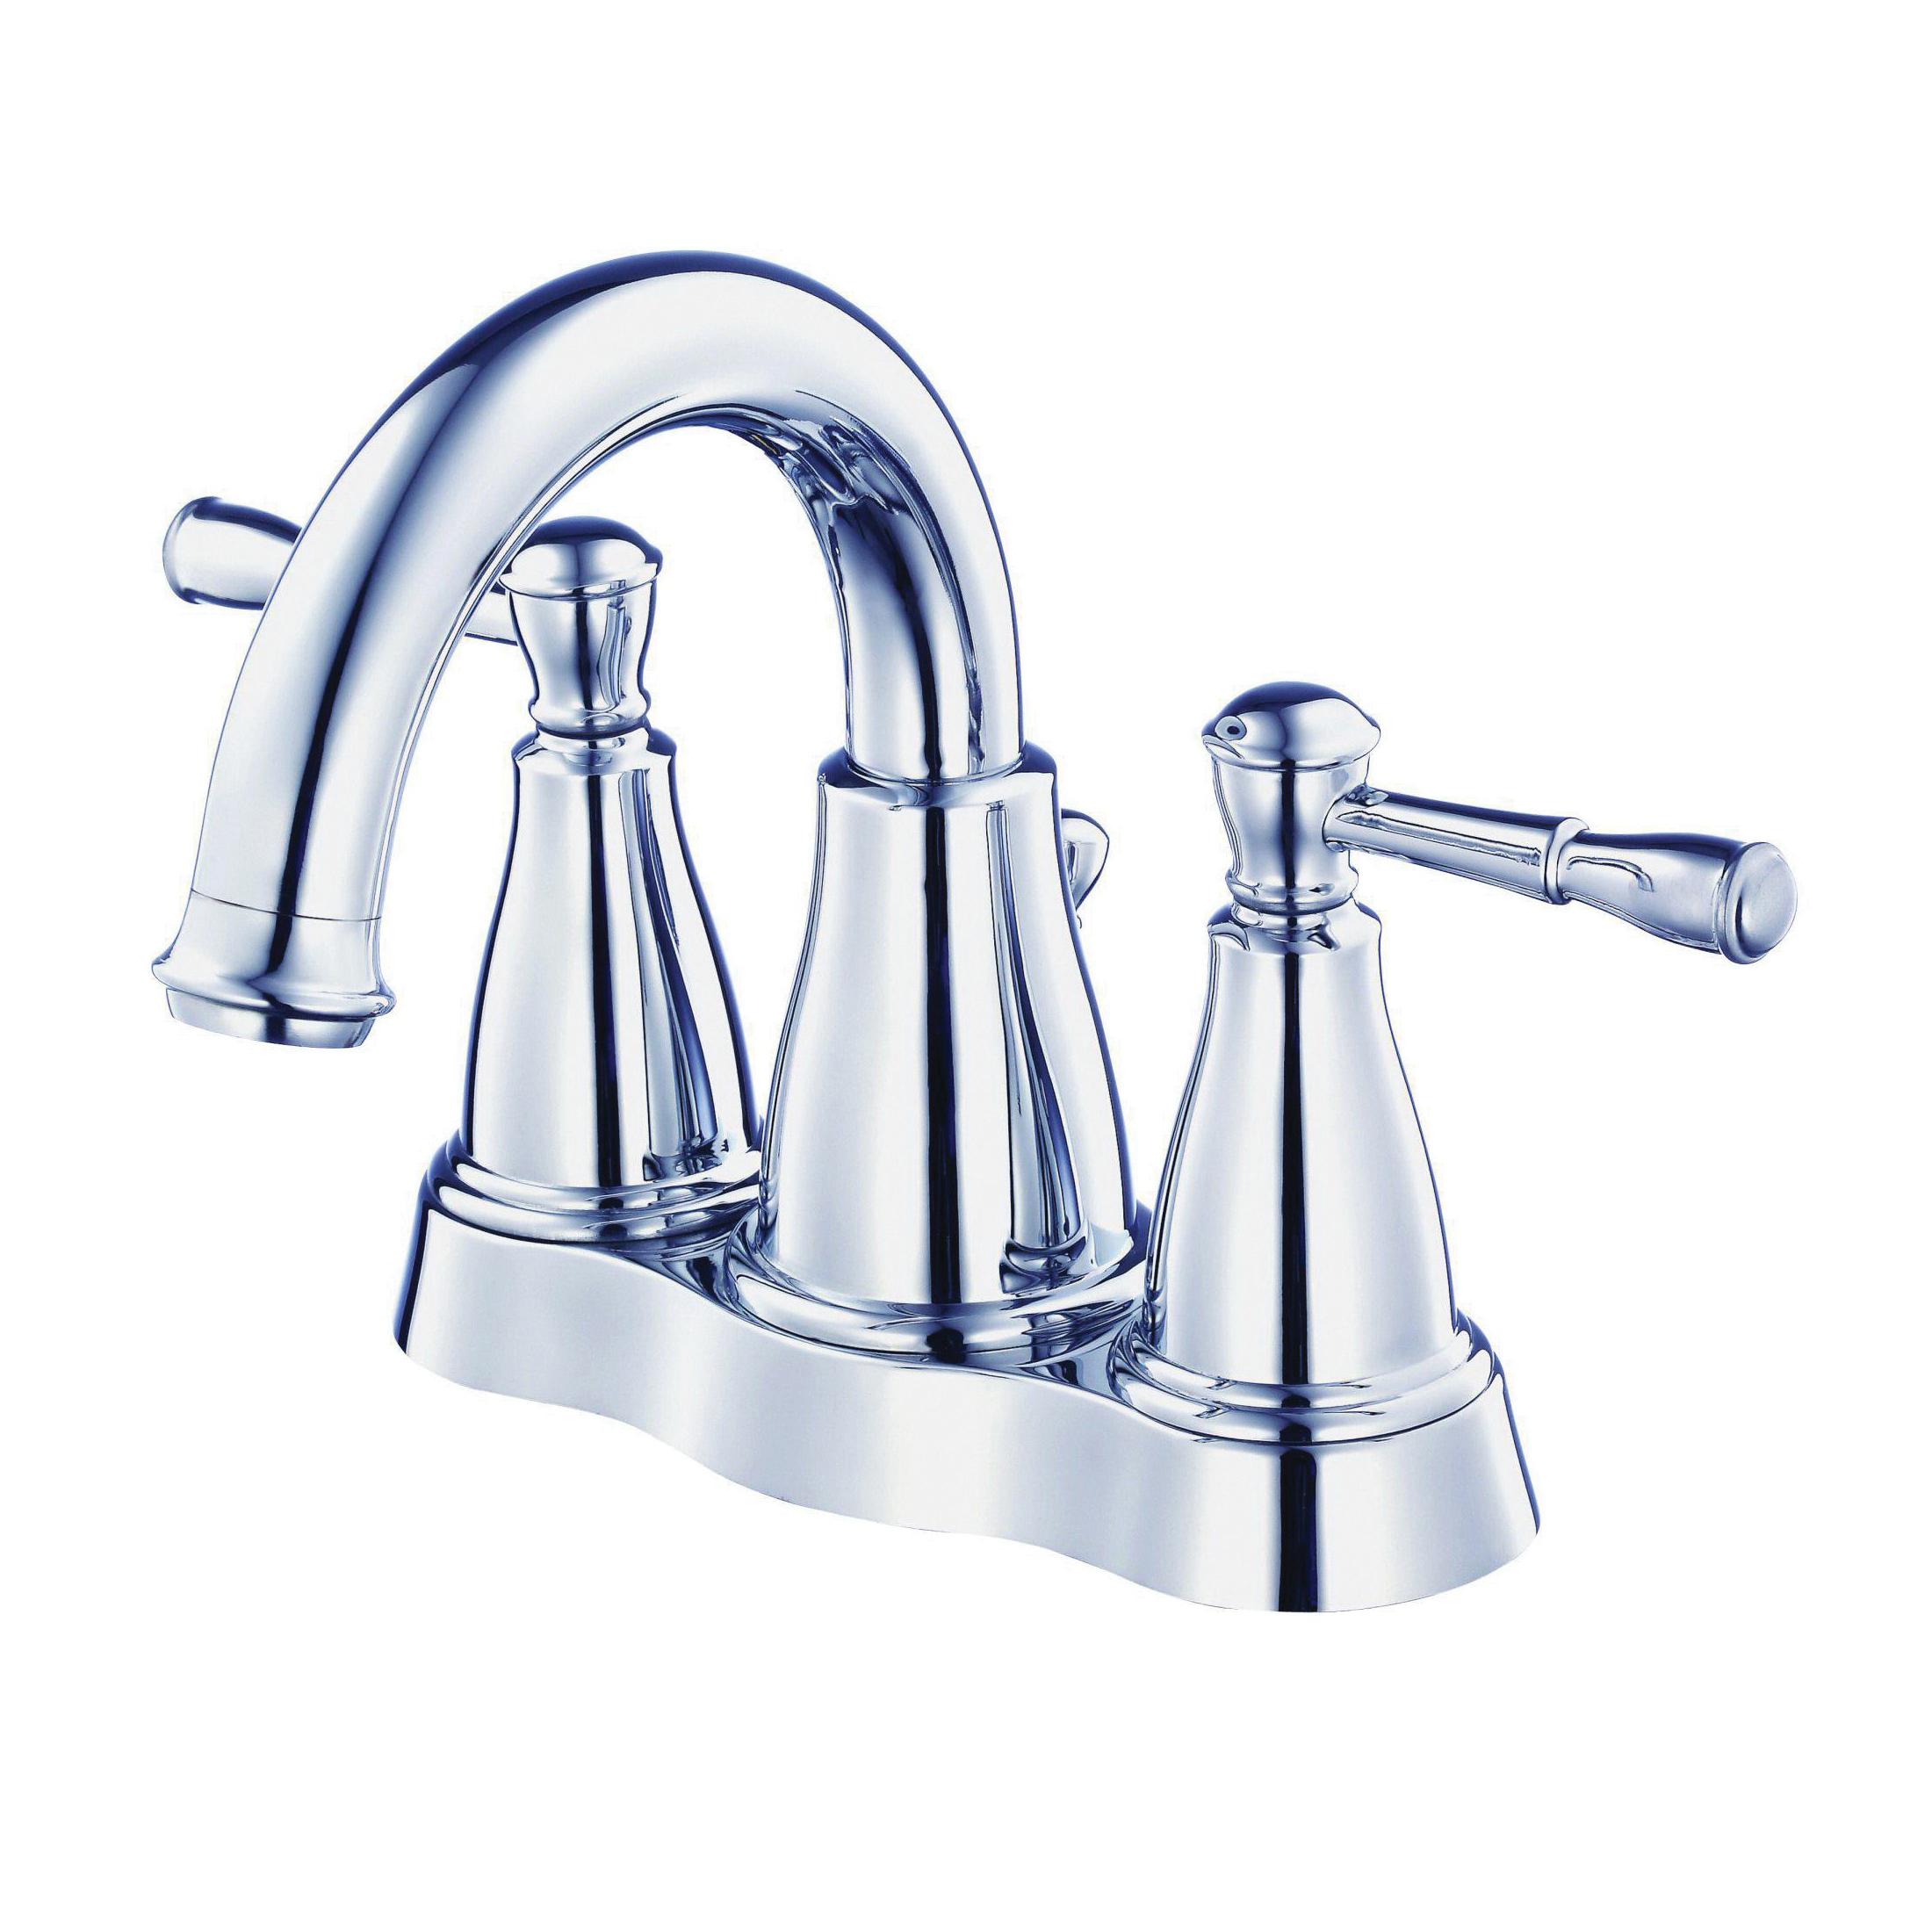 Danze® D301115 Centerset Lavatory Faucet, Eastham™, Polished Chrome, 2 Handles, 50/50 Pop-Up Drain, 1.2 gpm